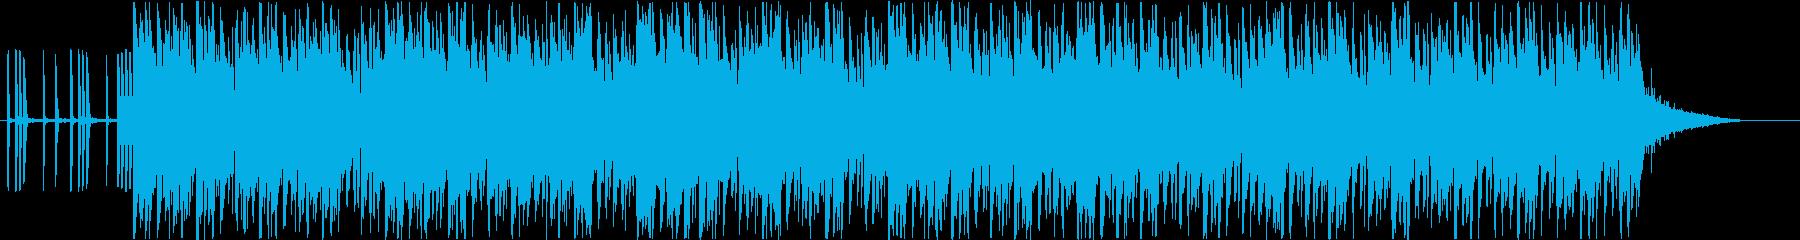 爽やかでお洒落なシンセポップバンドの再生済みの波形